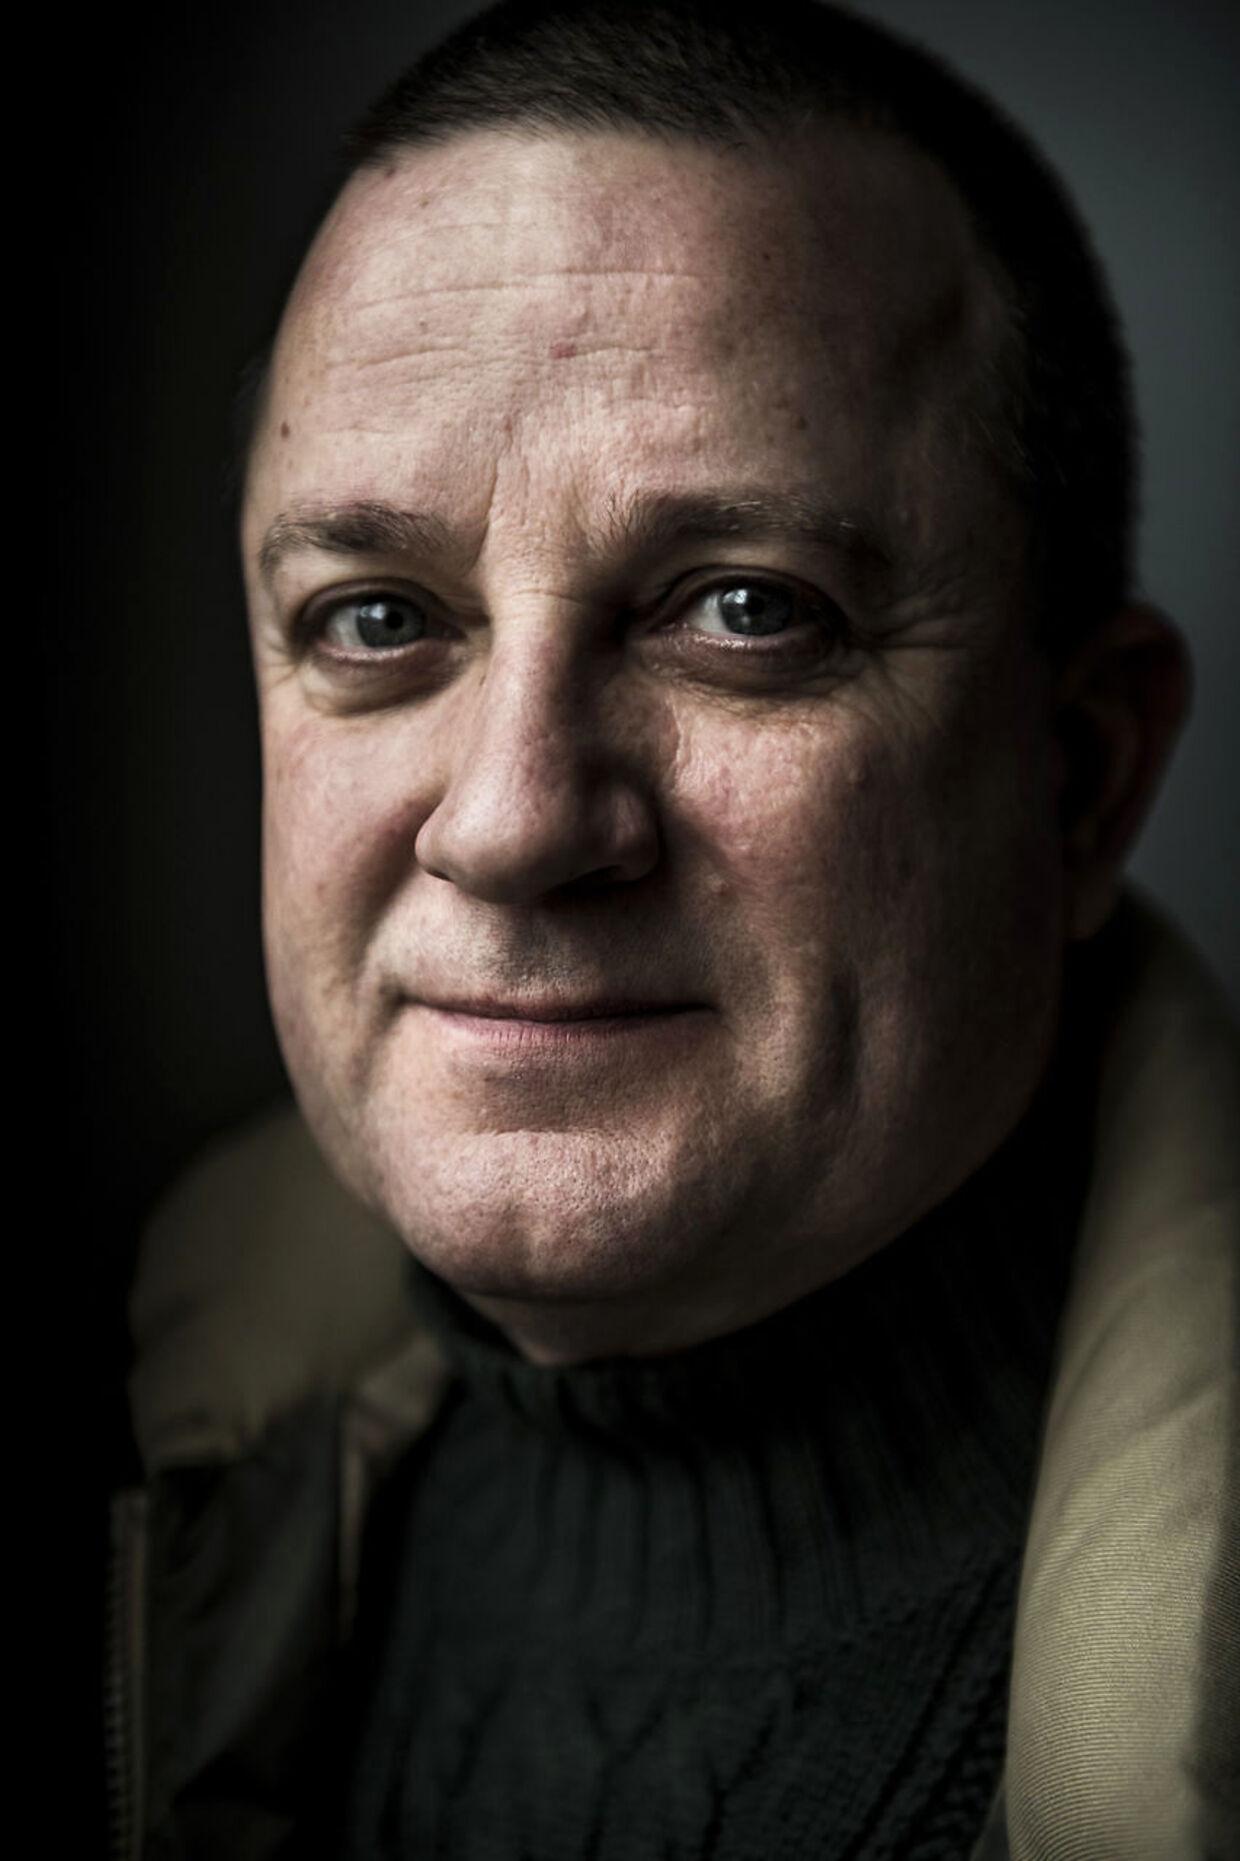 Portræt af tidligere PET-chef Jakob Scharf, som har anket sin dom for brud på tavshedspligen i bogen Syv år for PET. Indtil videre er han eneste tidligere vestlige efterretningschef, der idømt fængsel.